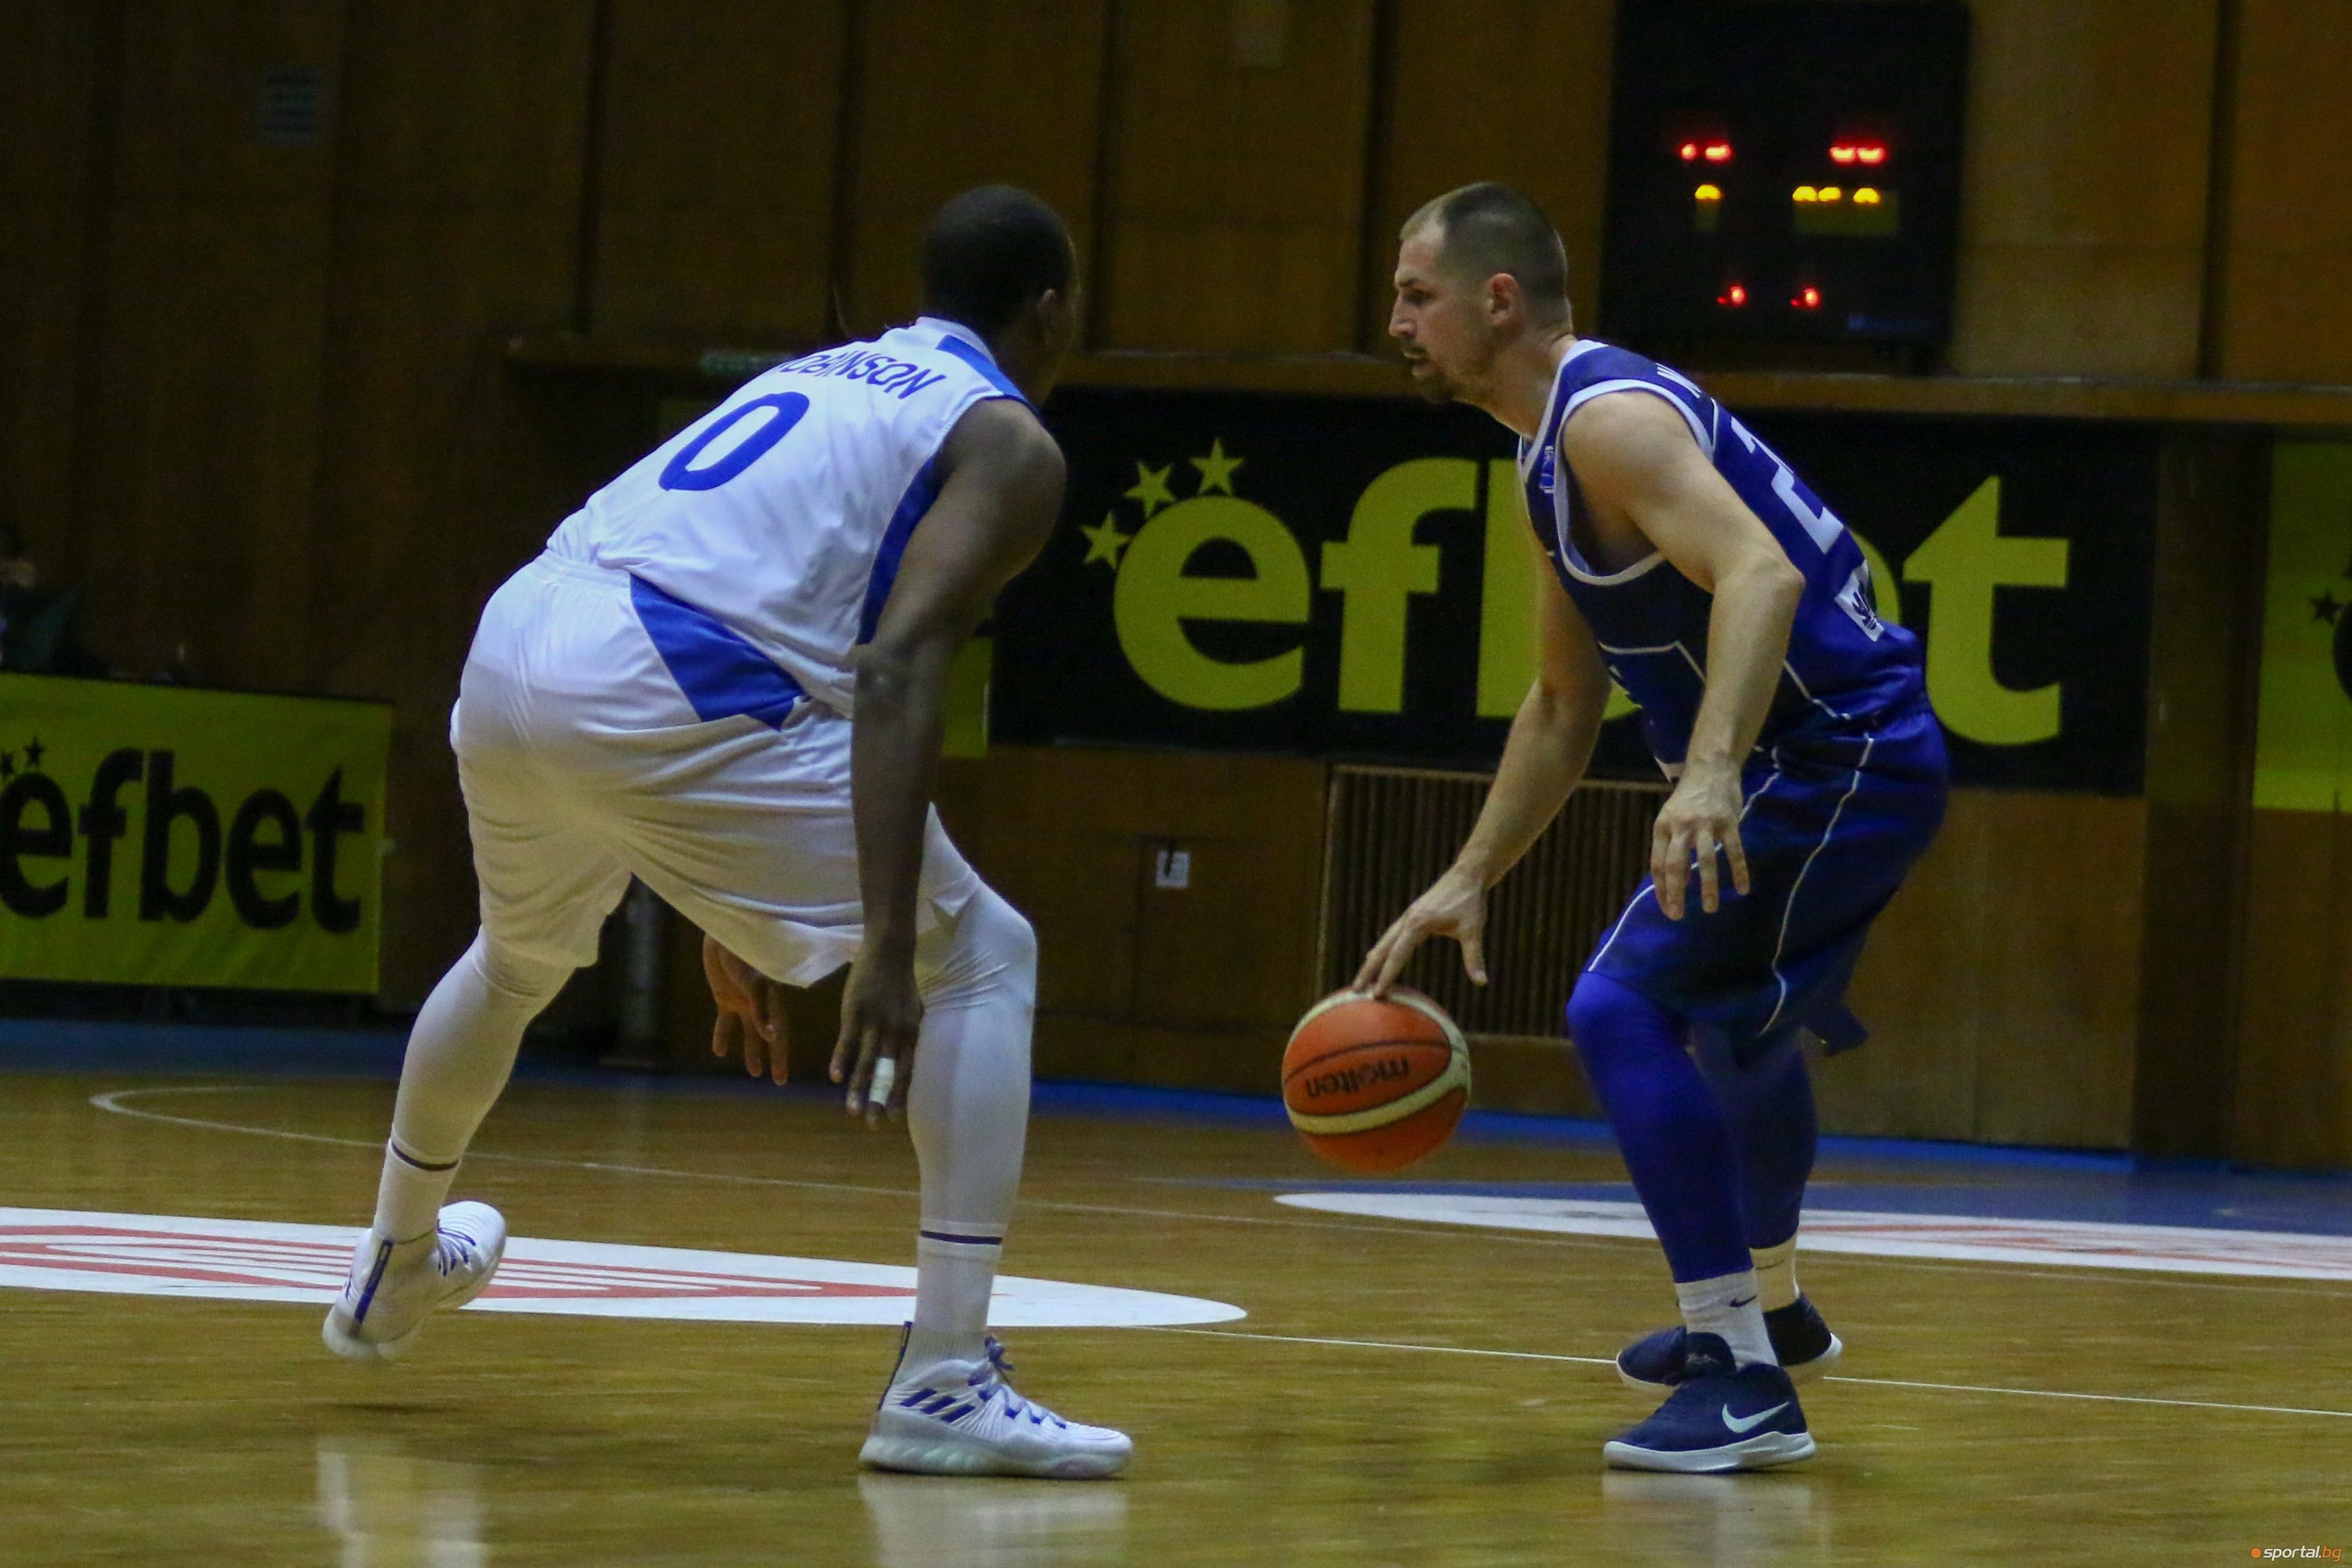 Един от лидерите на Рилски спортист (Самоков) Мартин Маринов призна